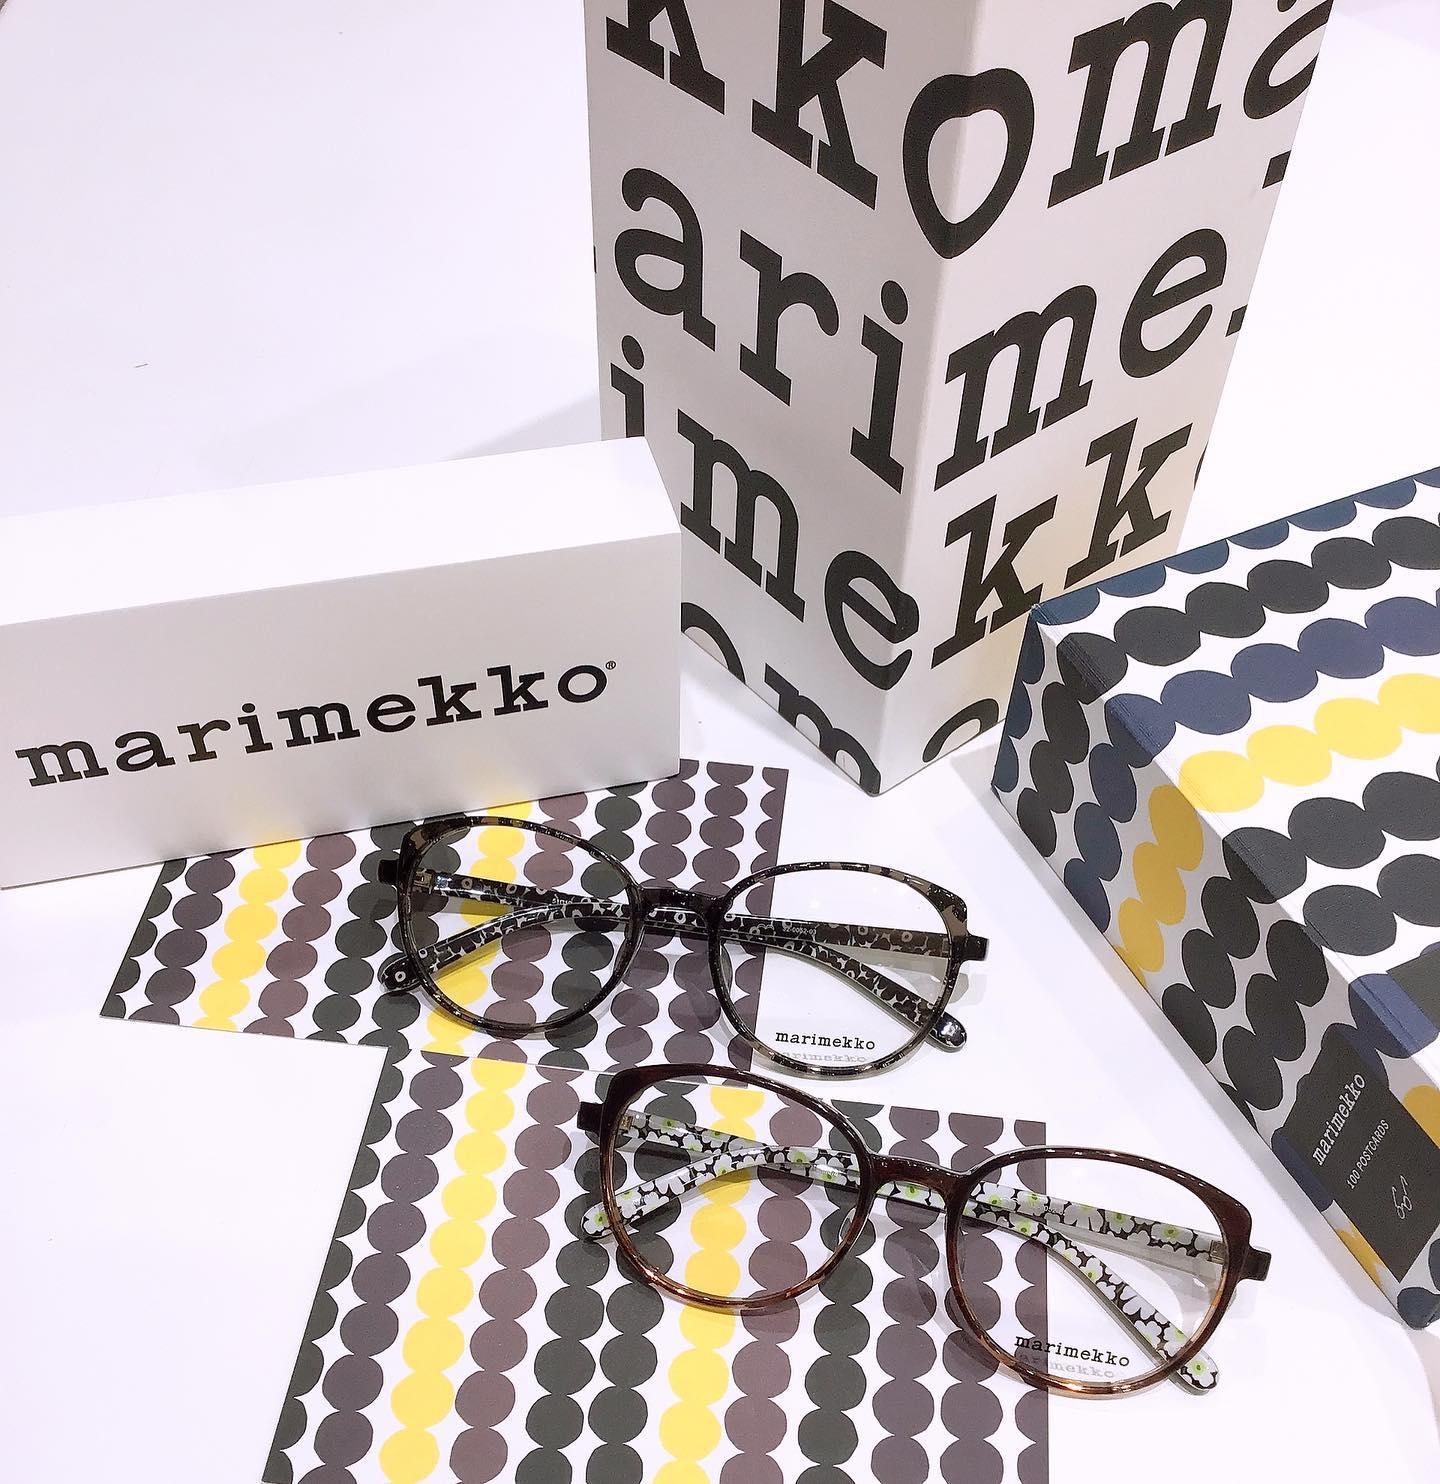 marimekko品番:32-0052カラー:2、3金額:27,000+taxレンズ付き価格フレームの形、カラーが綺麗ですテンプルの内側のウニッコ柄もオシャレサングラス🕶にしても可愛いフレームですよ😎#marimekko #マリメッコ #eyewear #眼鏡 #メガネ #めがね #サングラス #sunglasses #ウニッコ #長崎 #ココウォーク #福岡 #リバーウォーク北九州 #神奈川 #ららぽーと湘南平塚